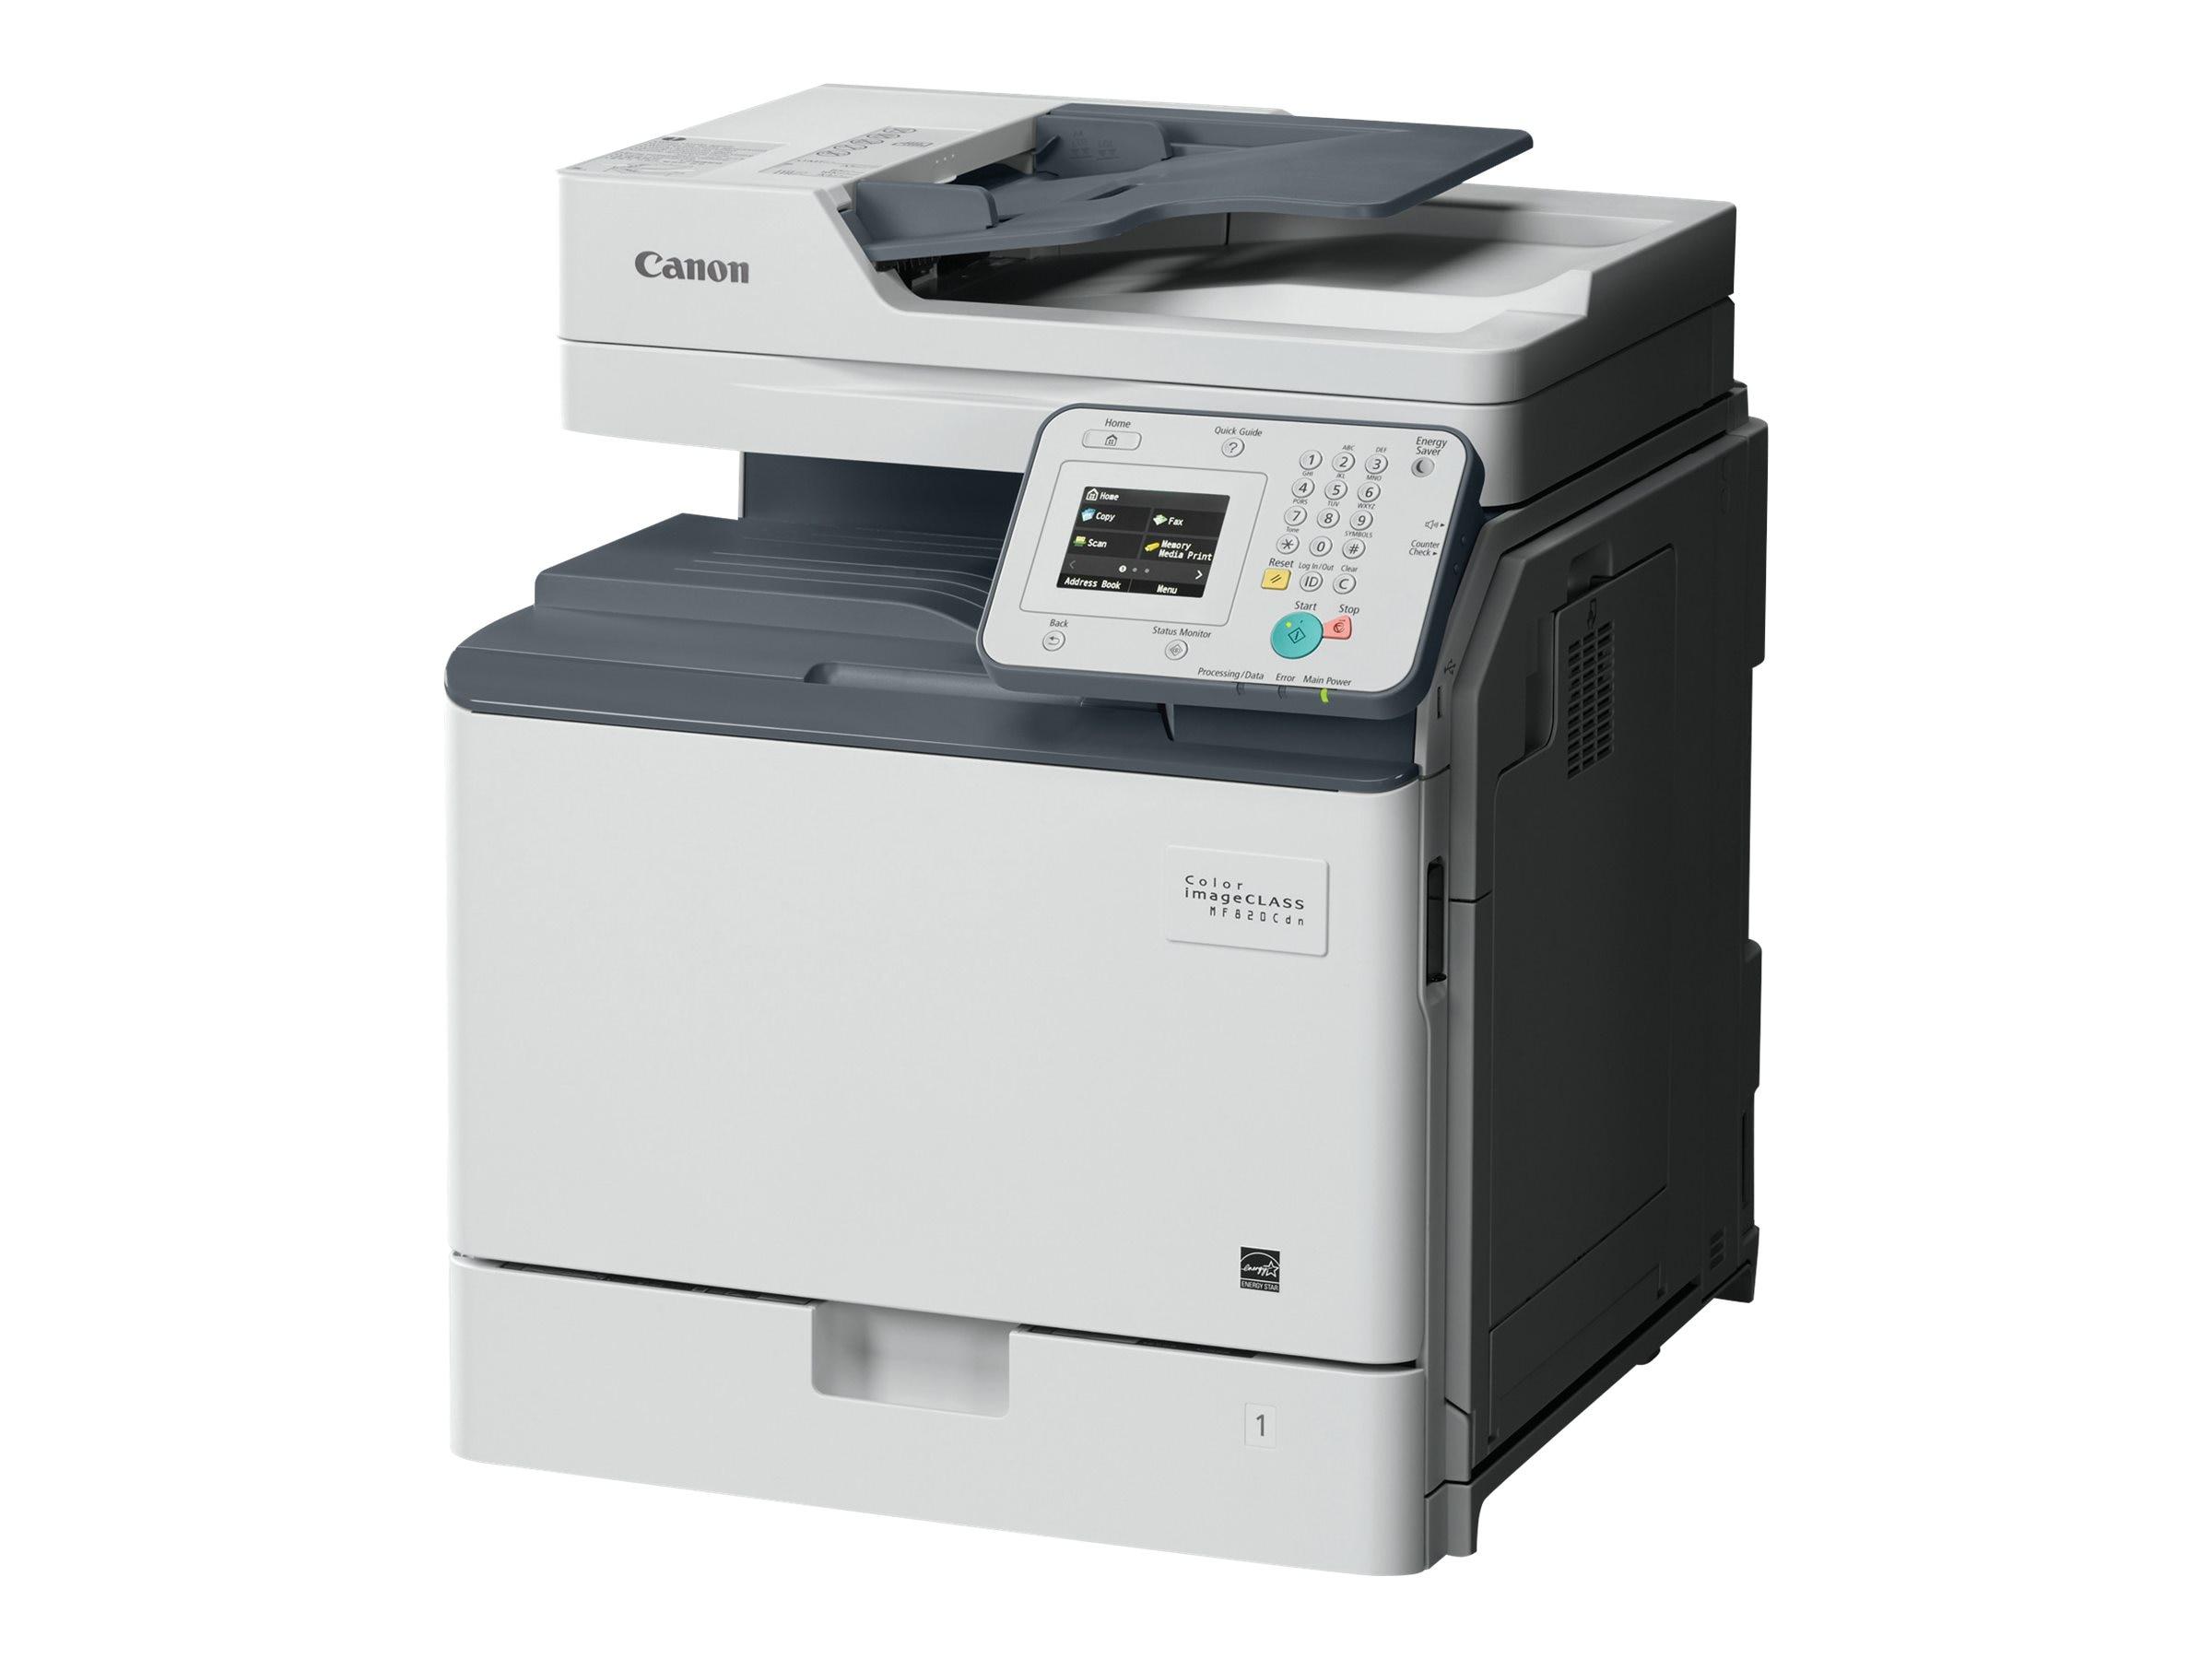 Canon Color imageCLASS MF820Cdn Laser Printer